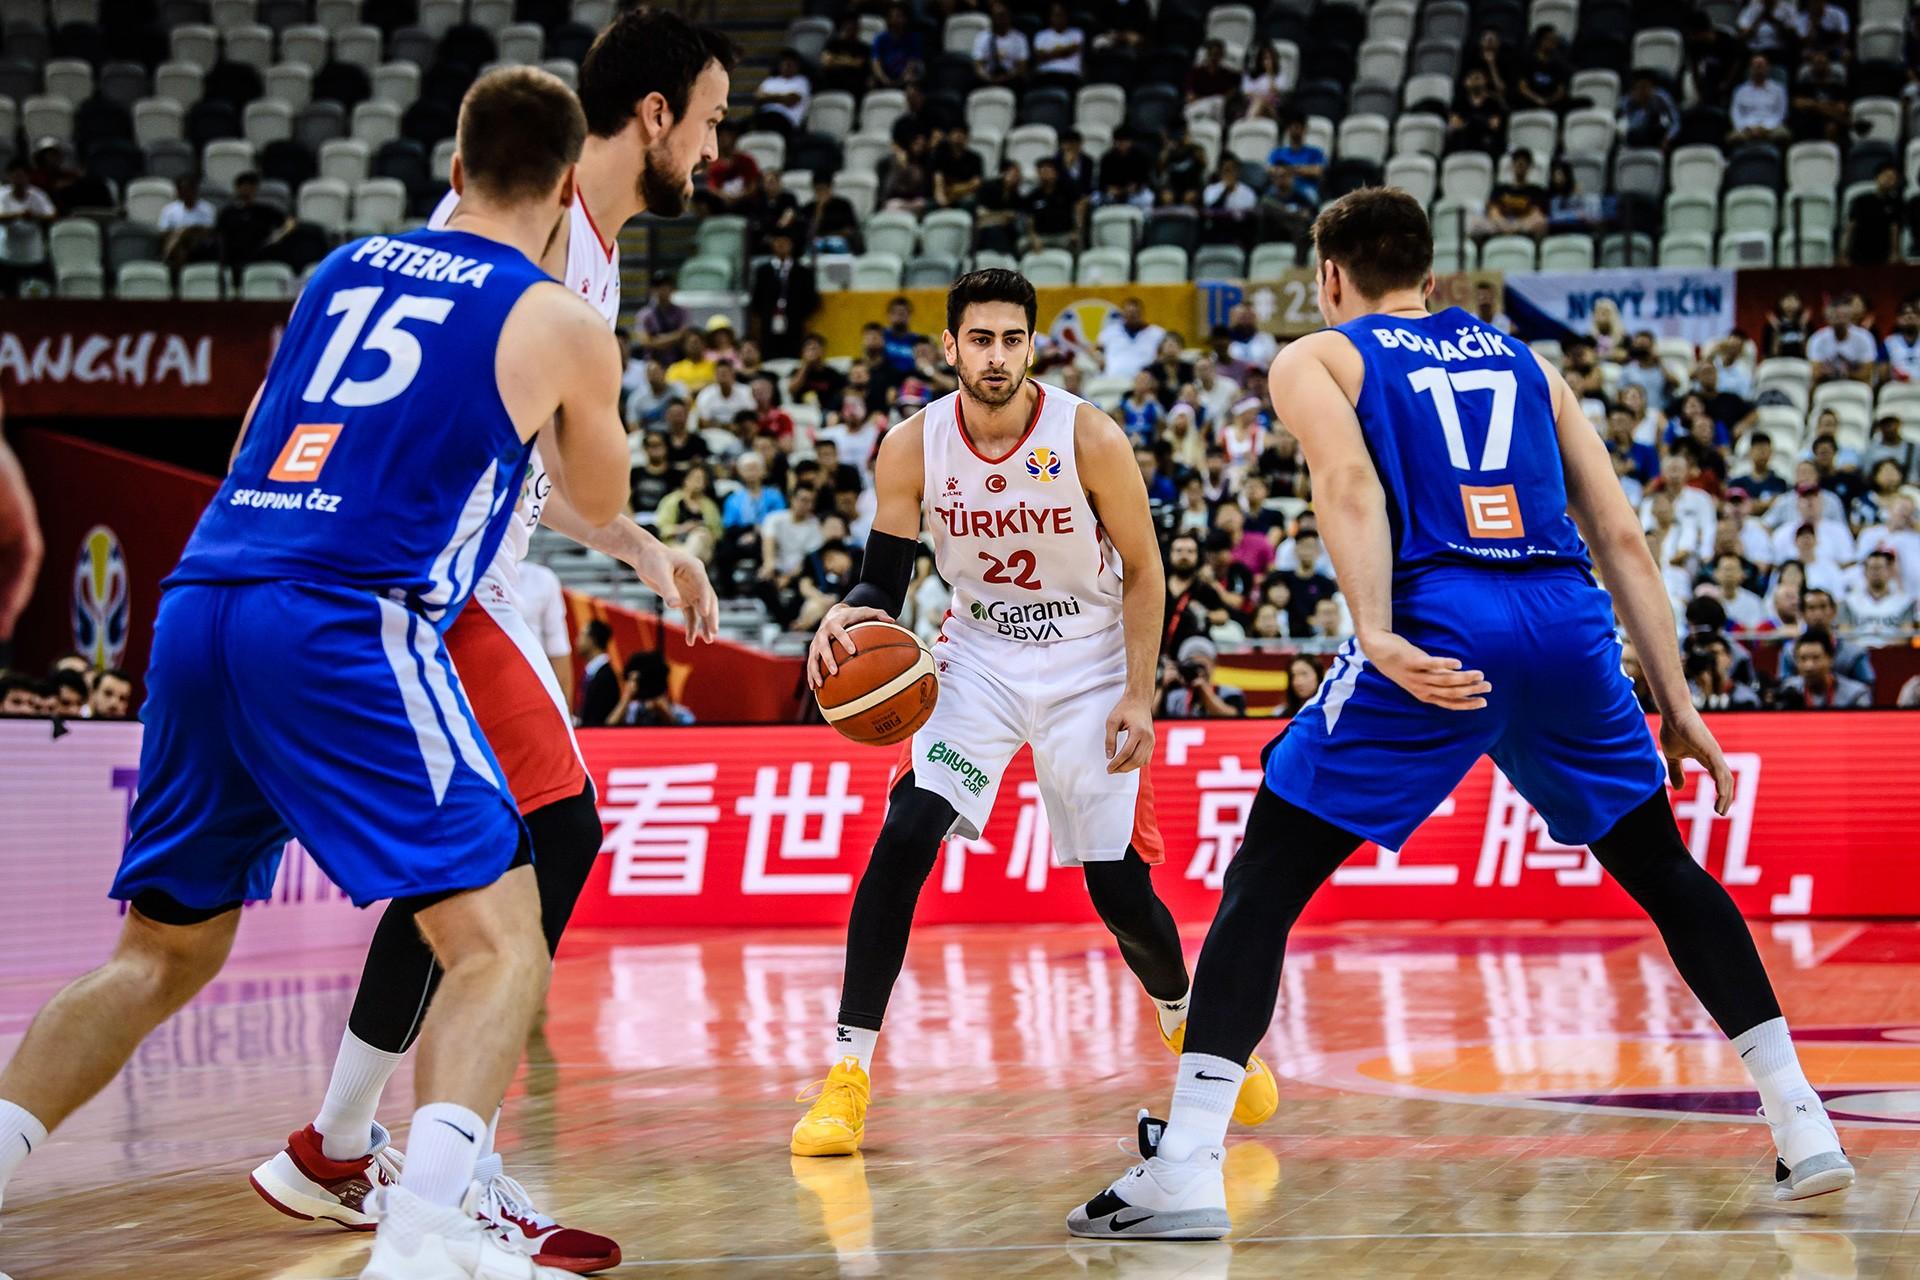 Çekya'ya 91-76 yenilen A Milli Erkek Basketbol Takımı Dünya Kupası'na veda etti